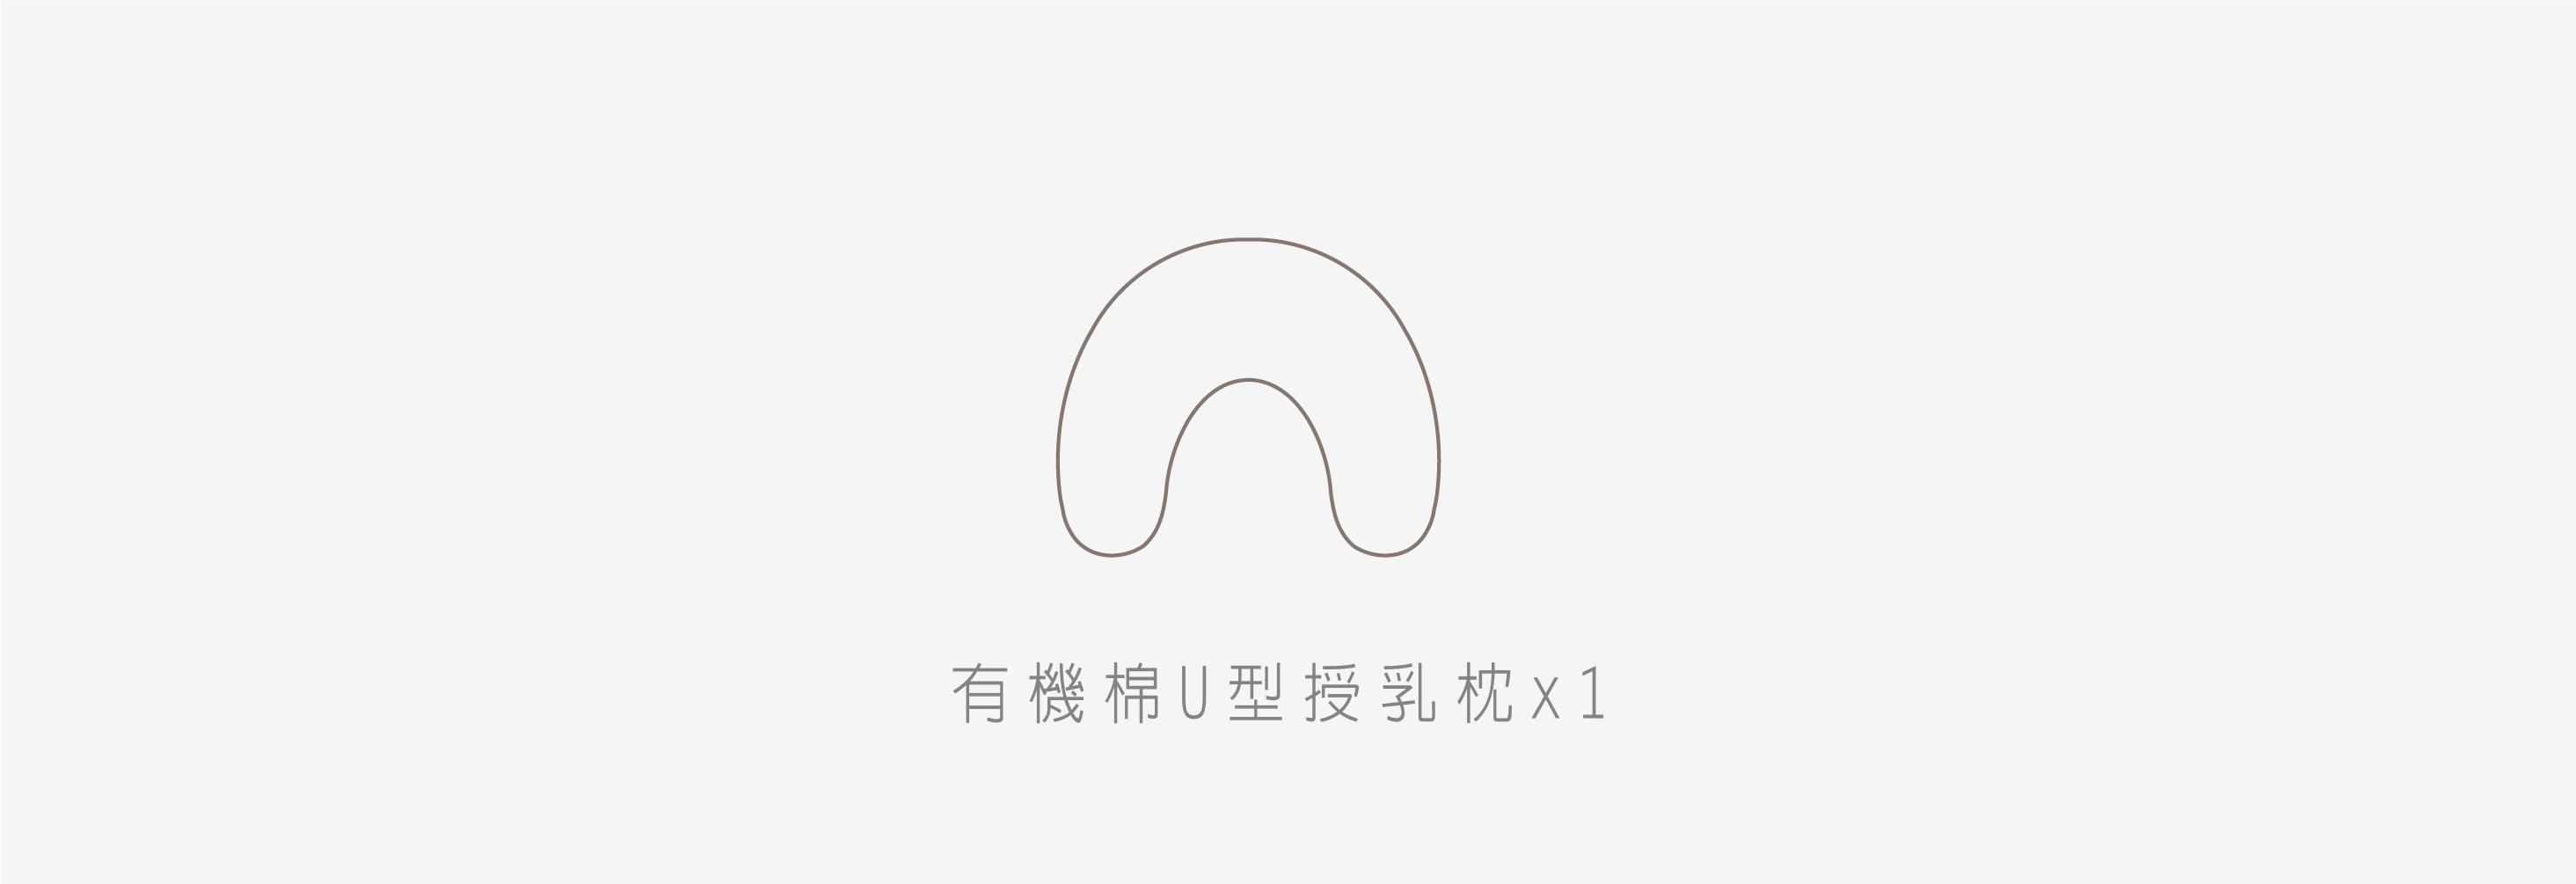 U型授乳枕-有機棉-商品介紹-1